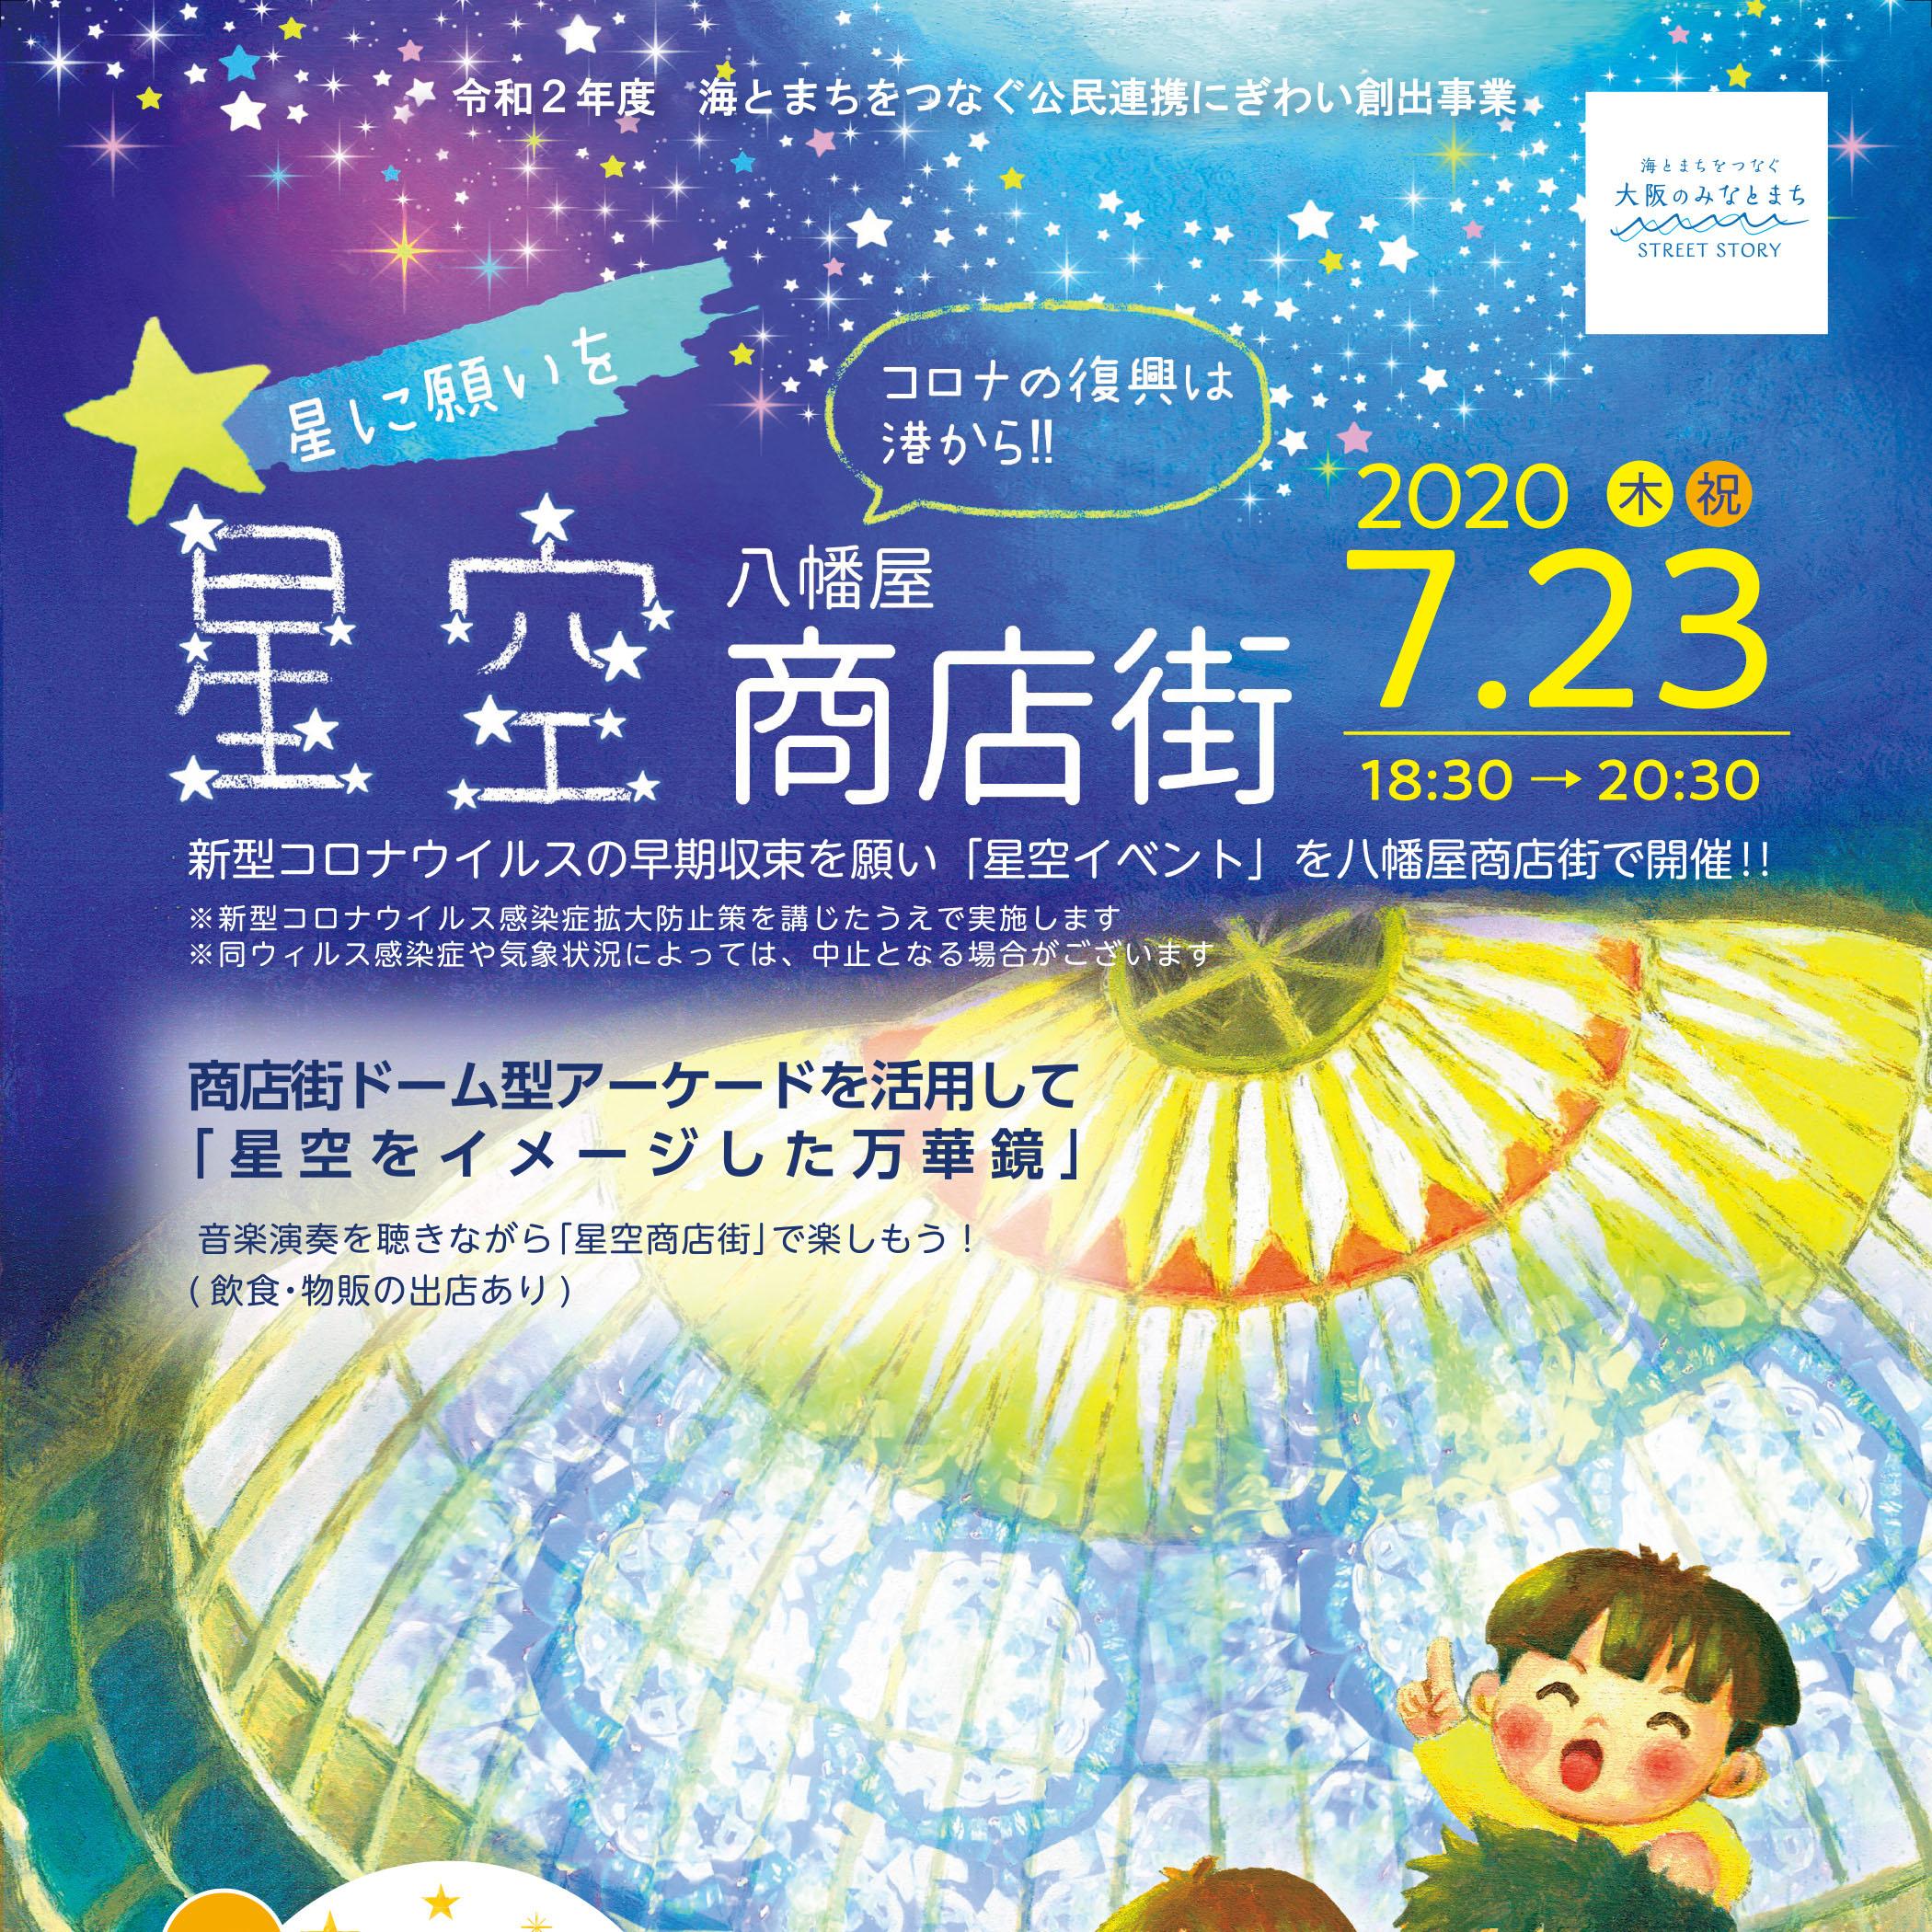 星に願いを「星空商店街」|2020.7.23 八幡屋商店街(大阪市港区)